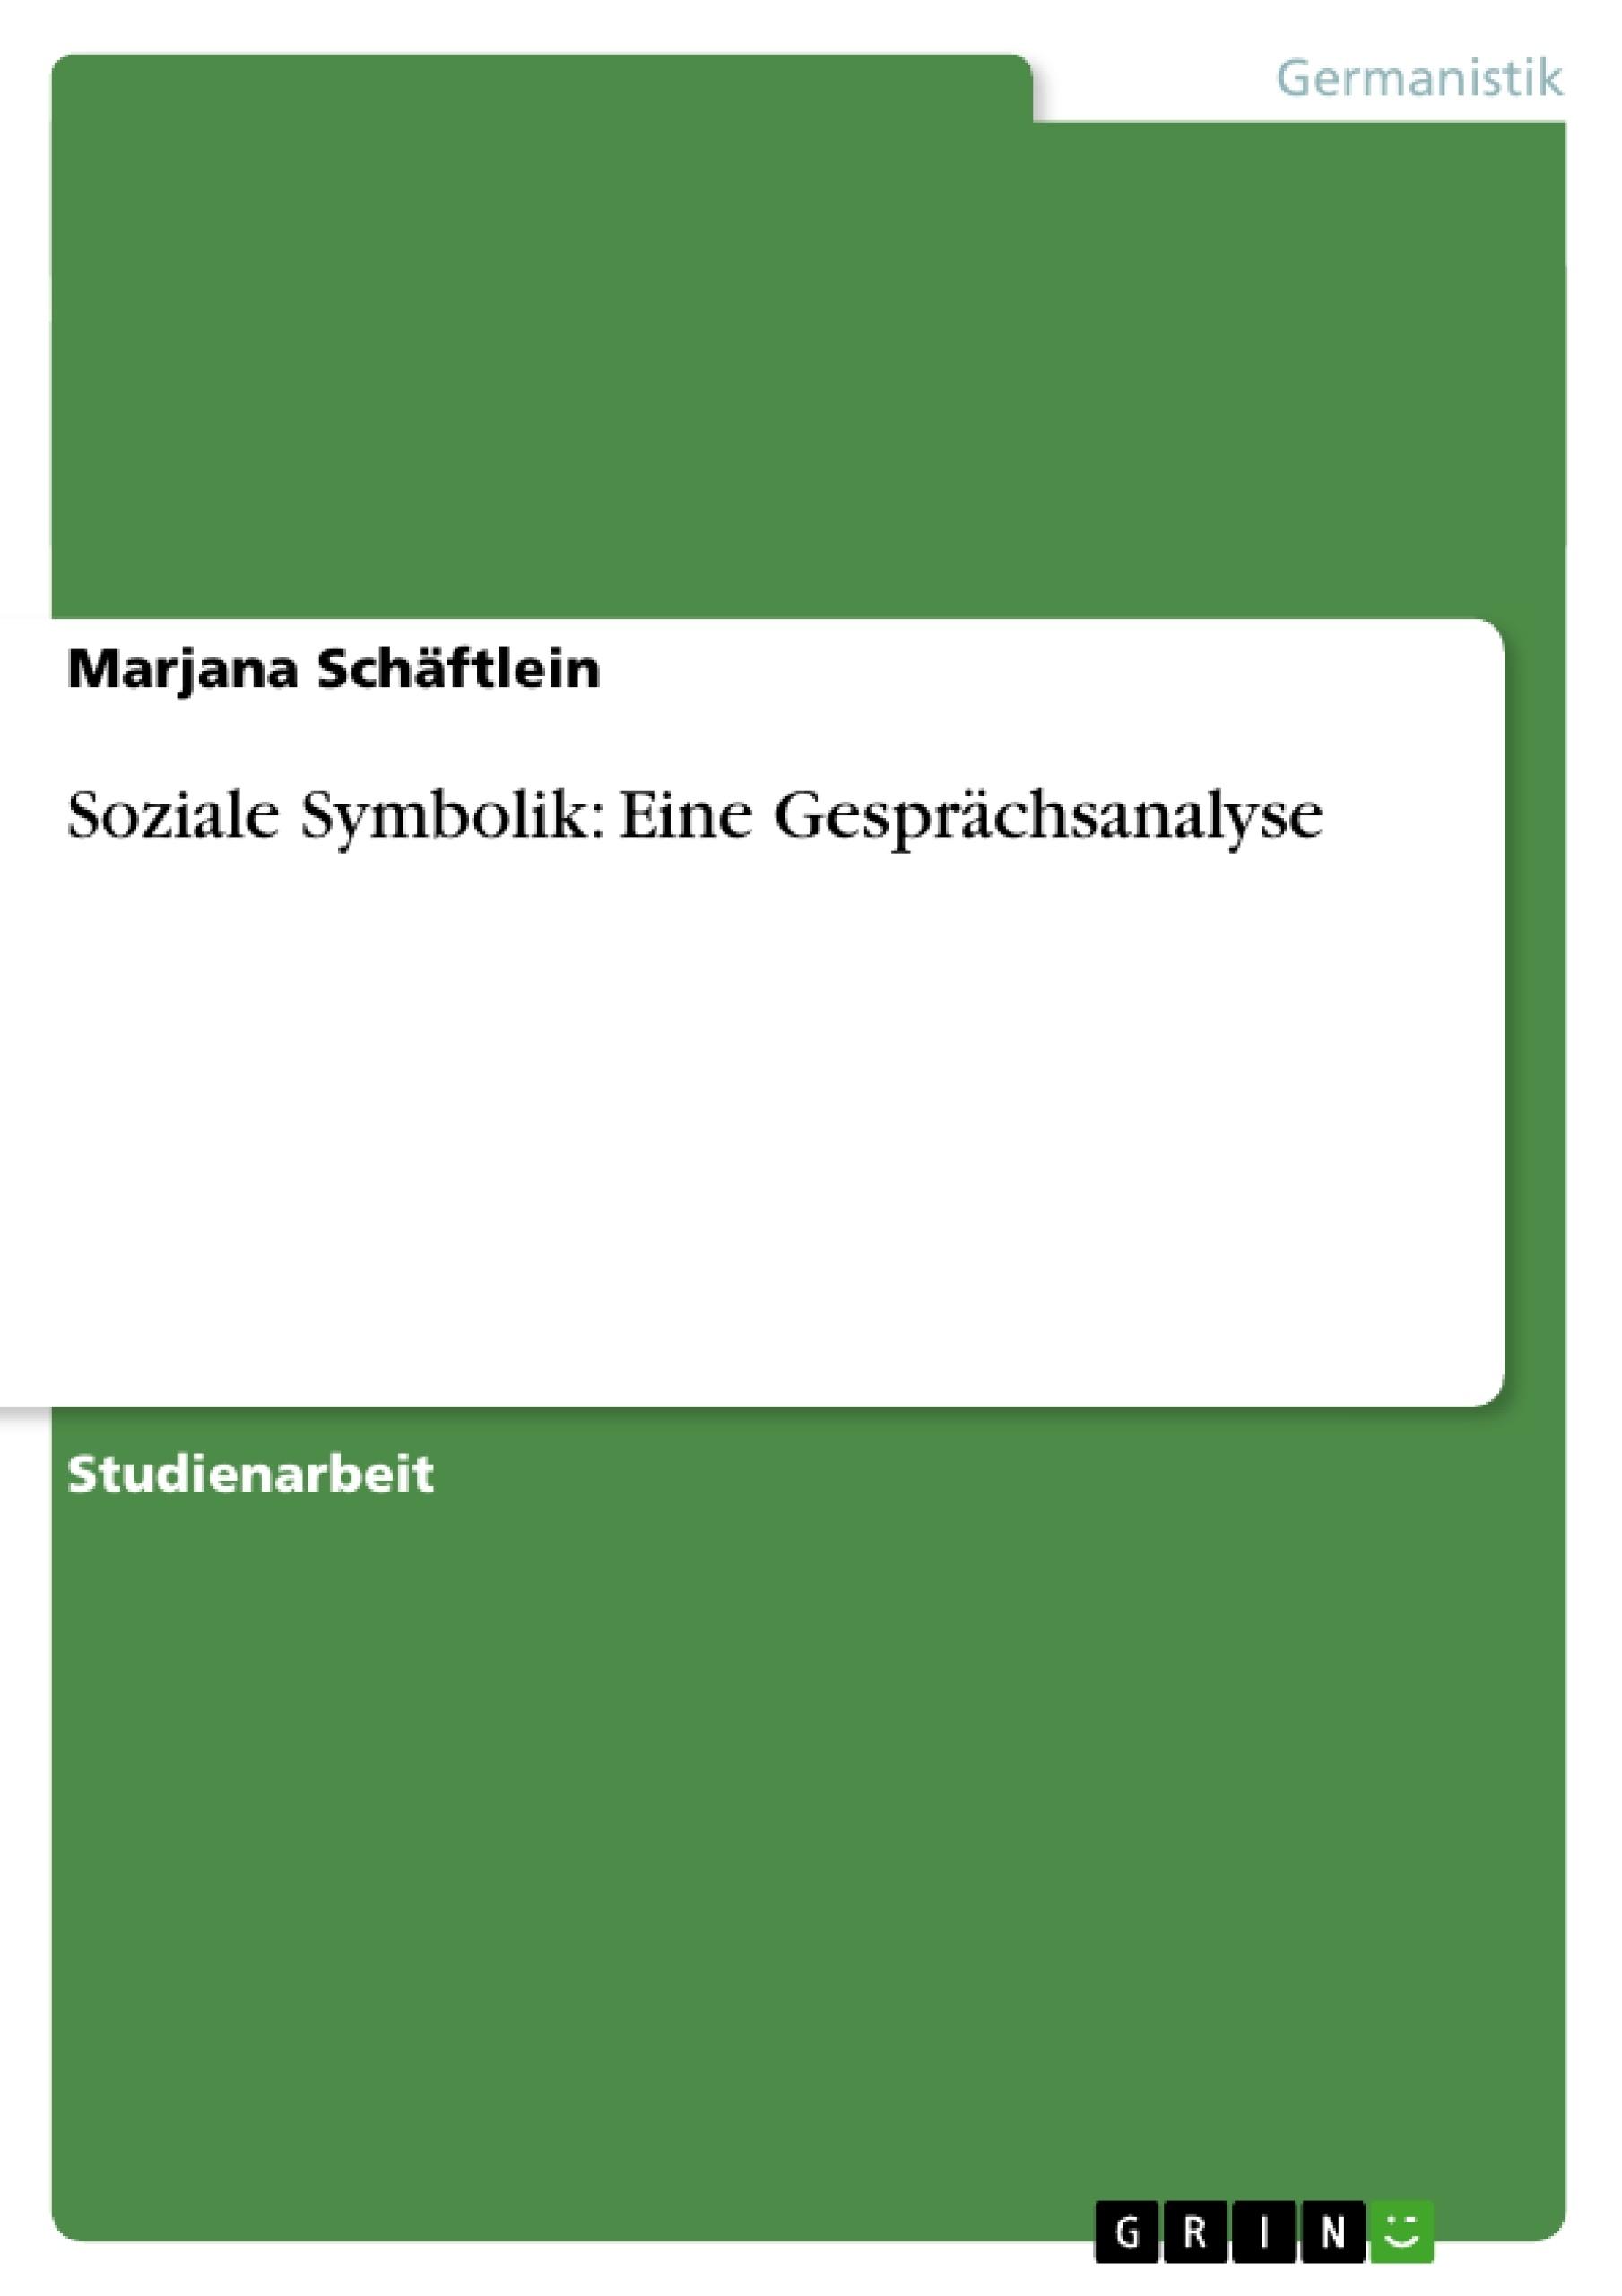 Titel: Soziale Symbolik: Eine Gesprächsanalyse